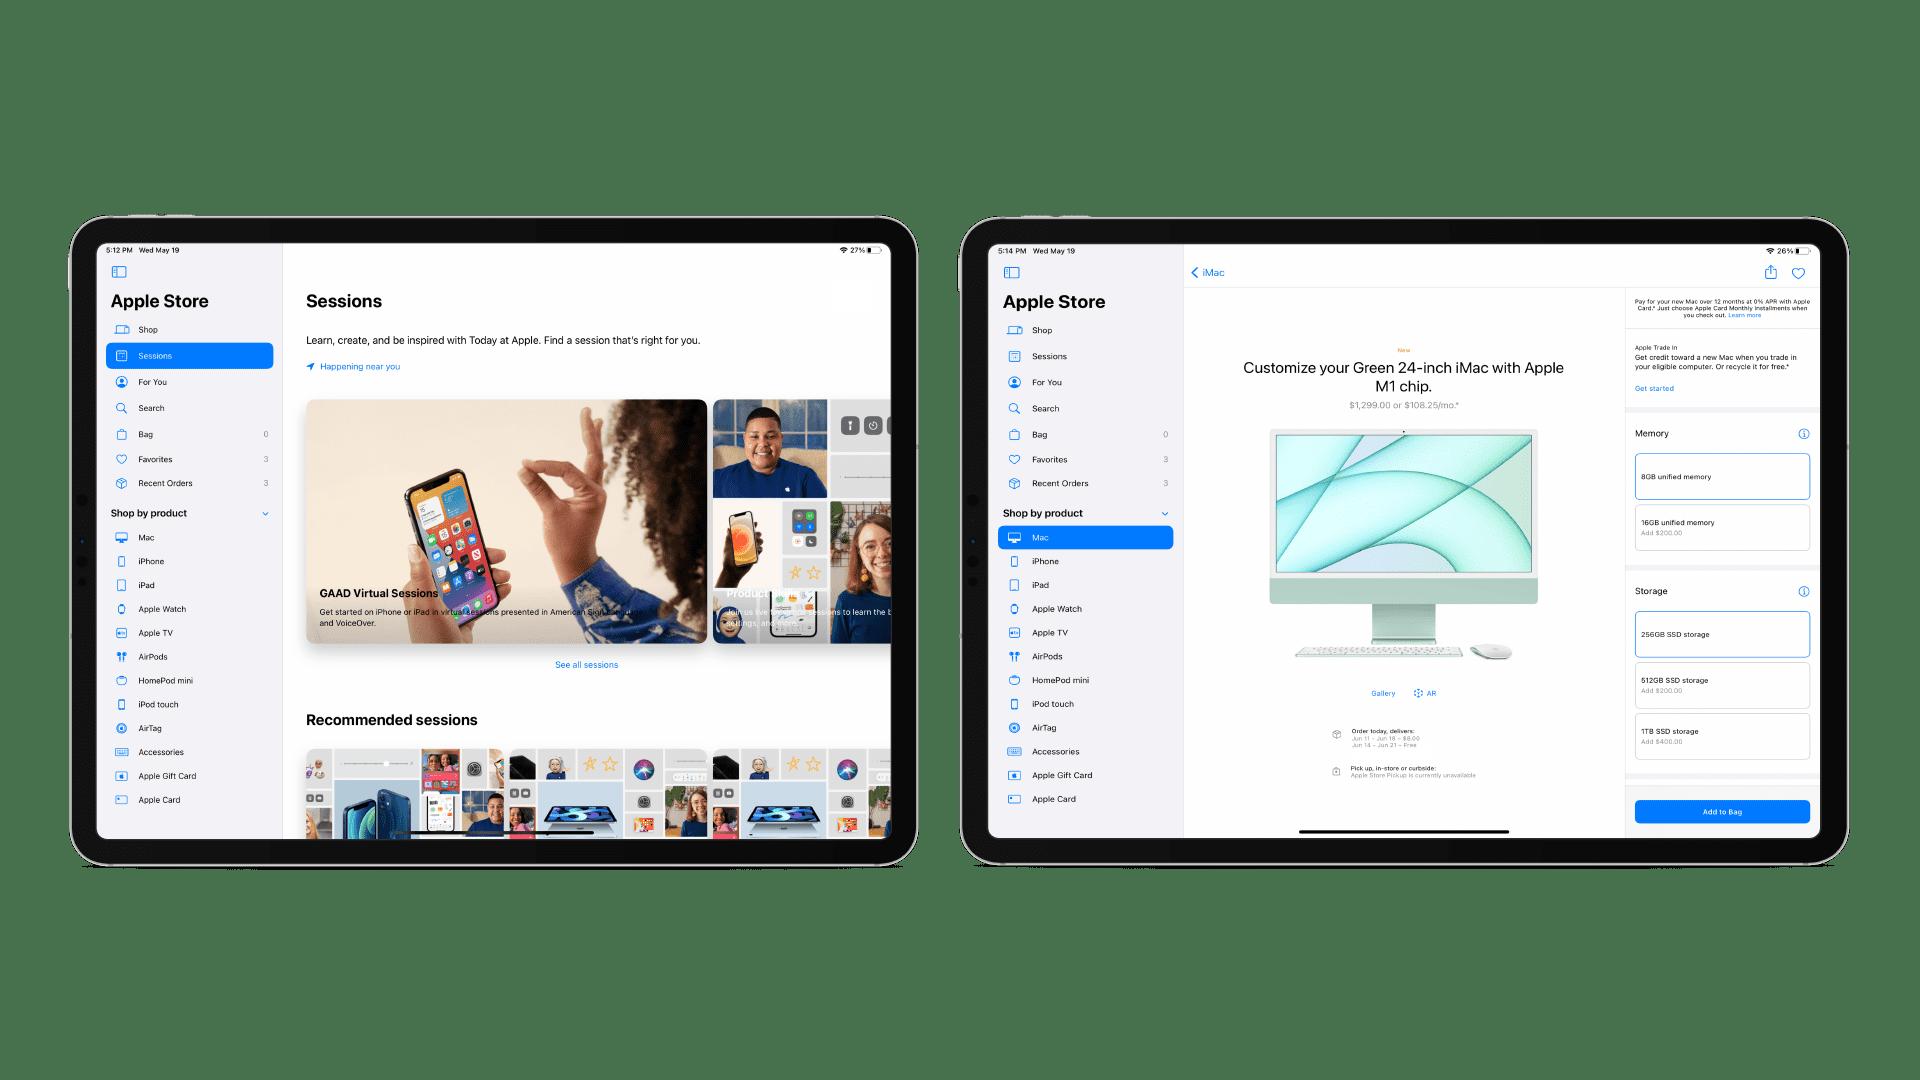 Apple представляет обновленное приложение Apple Store на iPad с боковой панелью и быстрым доступом к недавним заказам